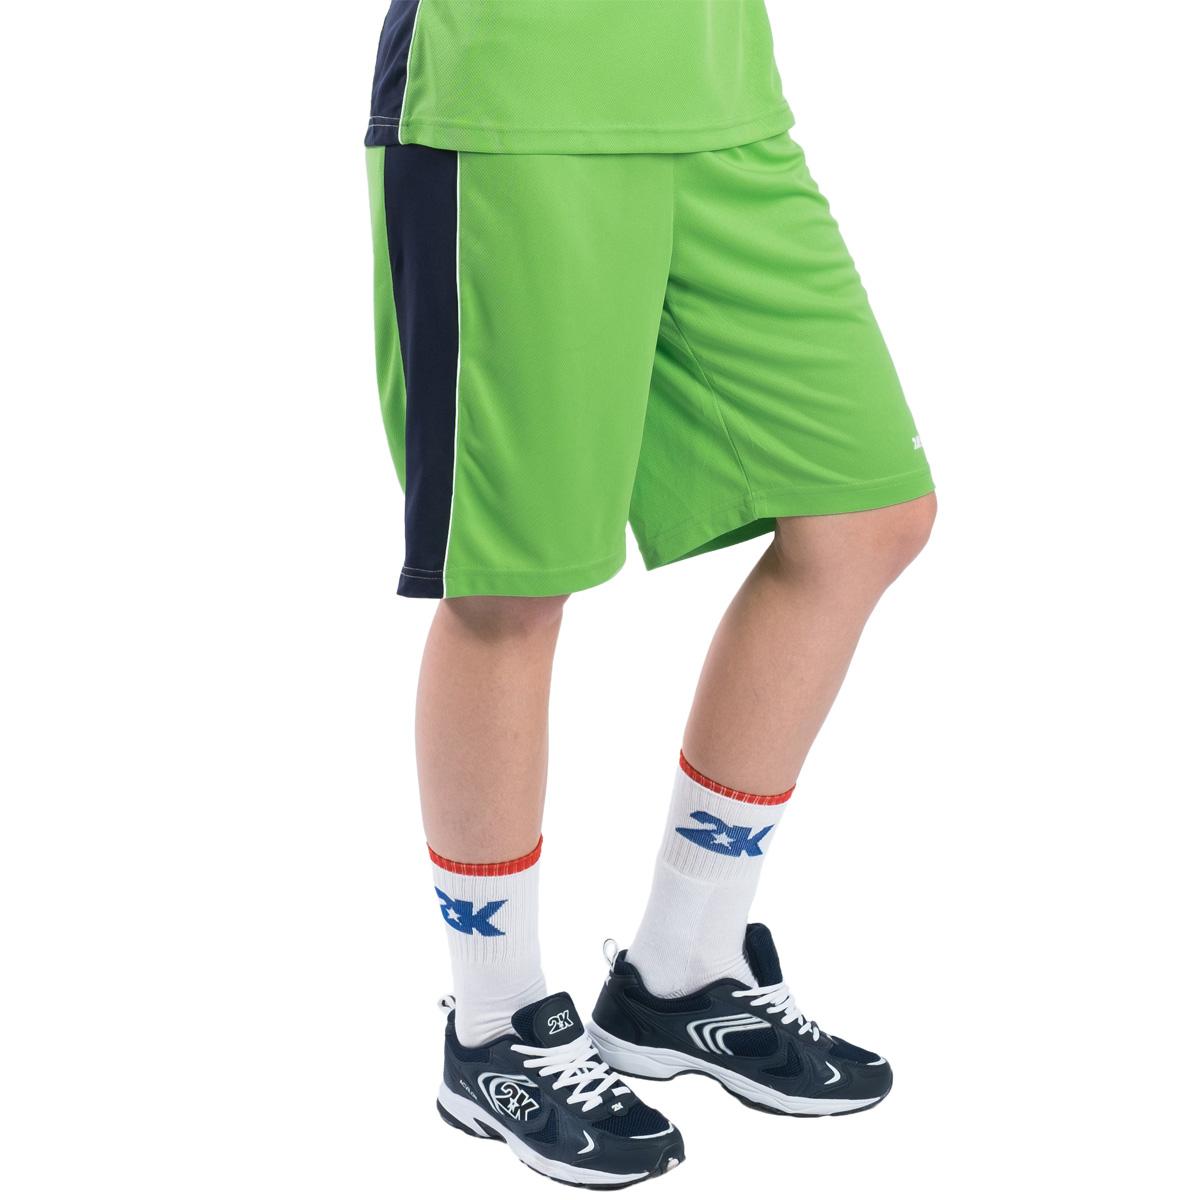 Профессиональные женские баскетбольные шорты 2K Sport Advance созданы для того, чтобы вам ничего не мешало демонстрировать великолепную игру на паркете против самых грозных соперников. Особая сетчатая структура ткани позволяет сделать шорты практически невесомыми, сохраняя при этом прочность и эластичность. Эластичный пояс с регулируемым внутренним шнурком для комфортабельной посадки. Шорты выполнены в свободном крое с кантом чуть выше колена.